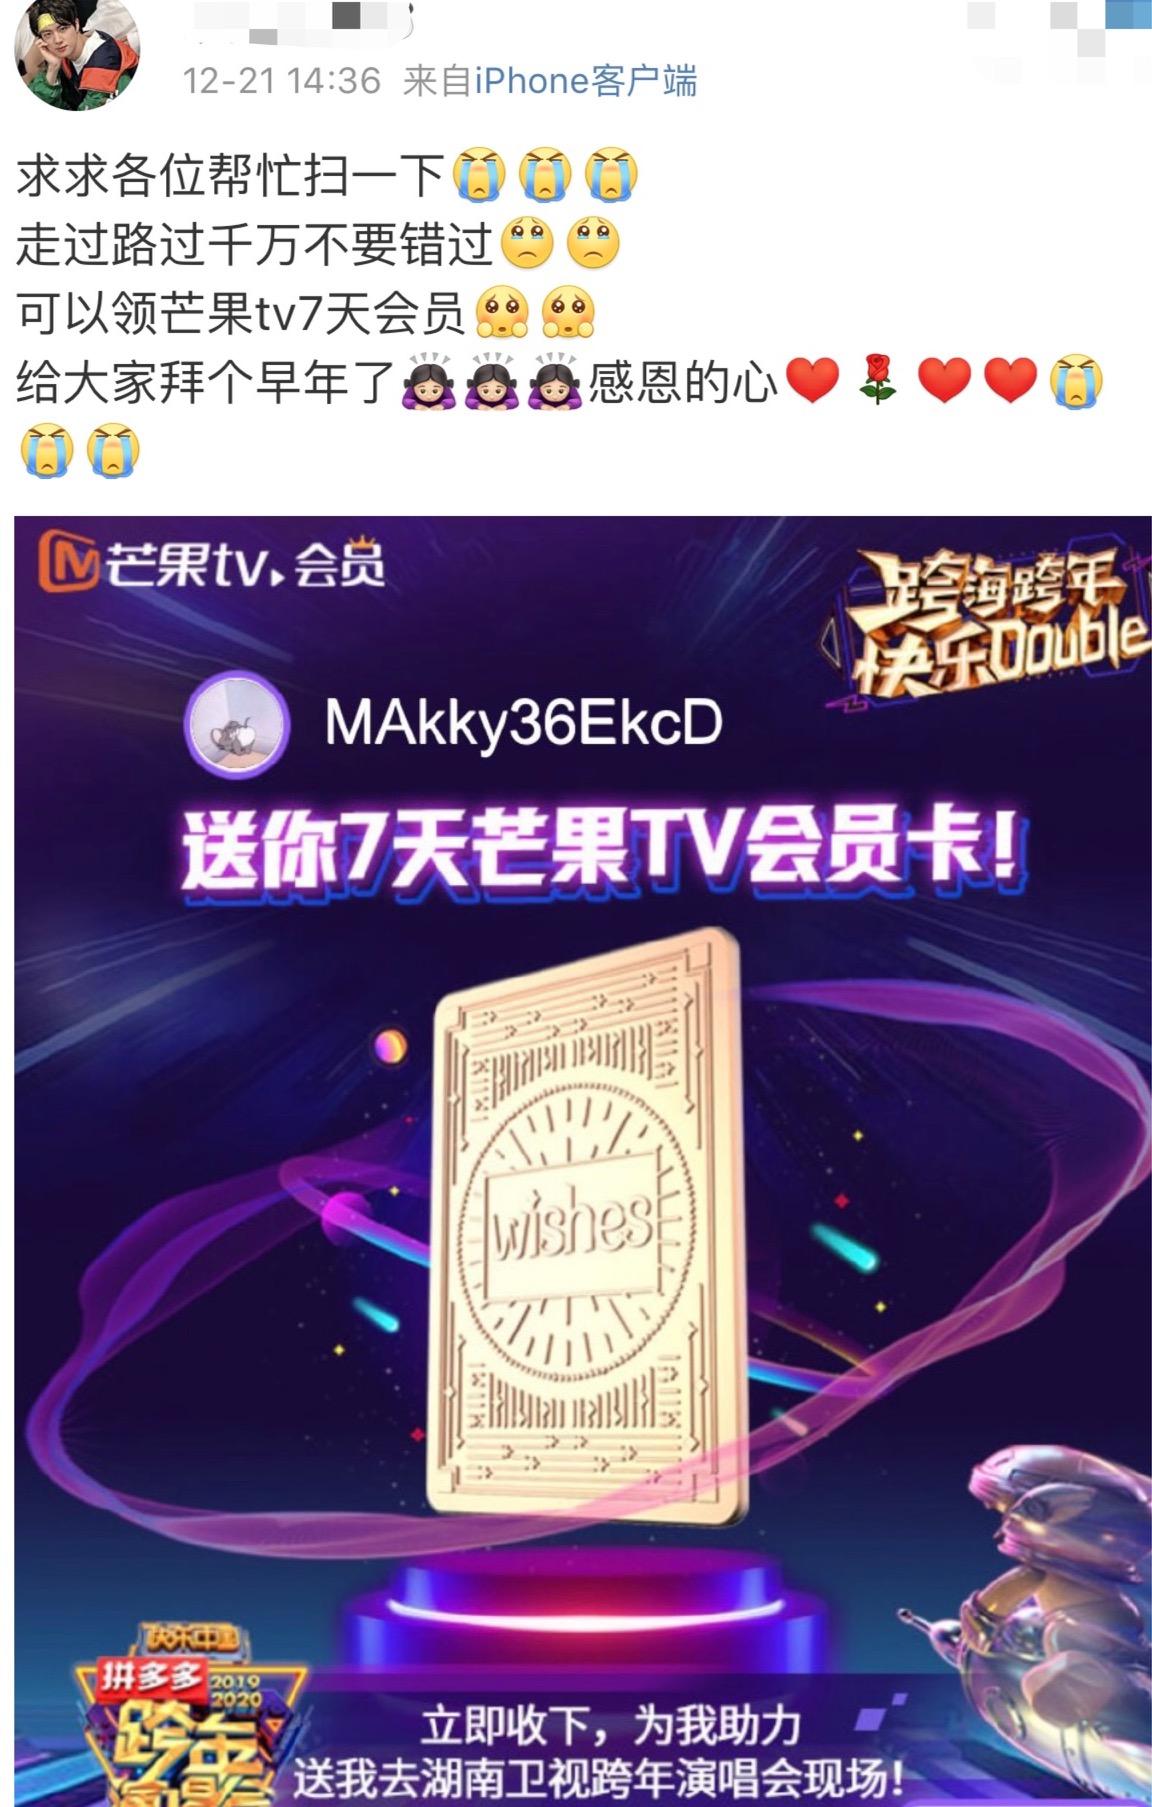 """""""跨海跨年快乐Double""""王一博人气爆表,芒果TV会员齐聚海口乐翻天"""